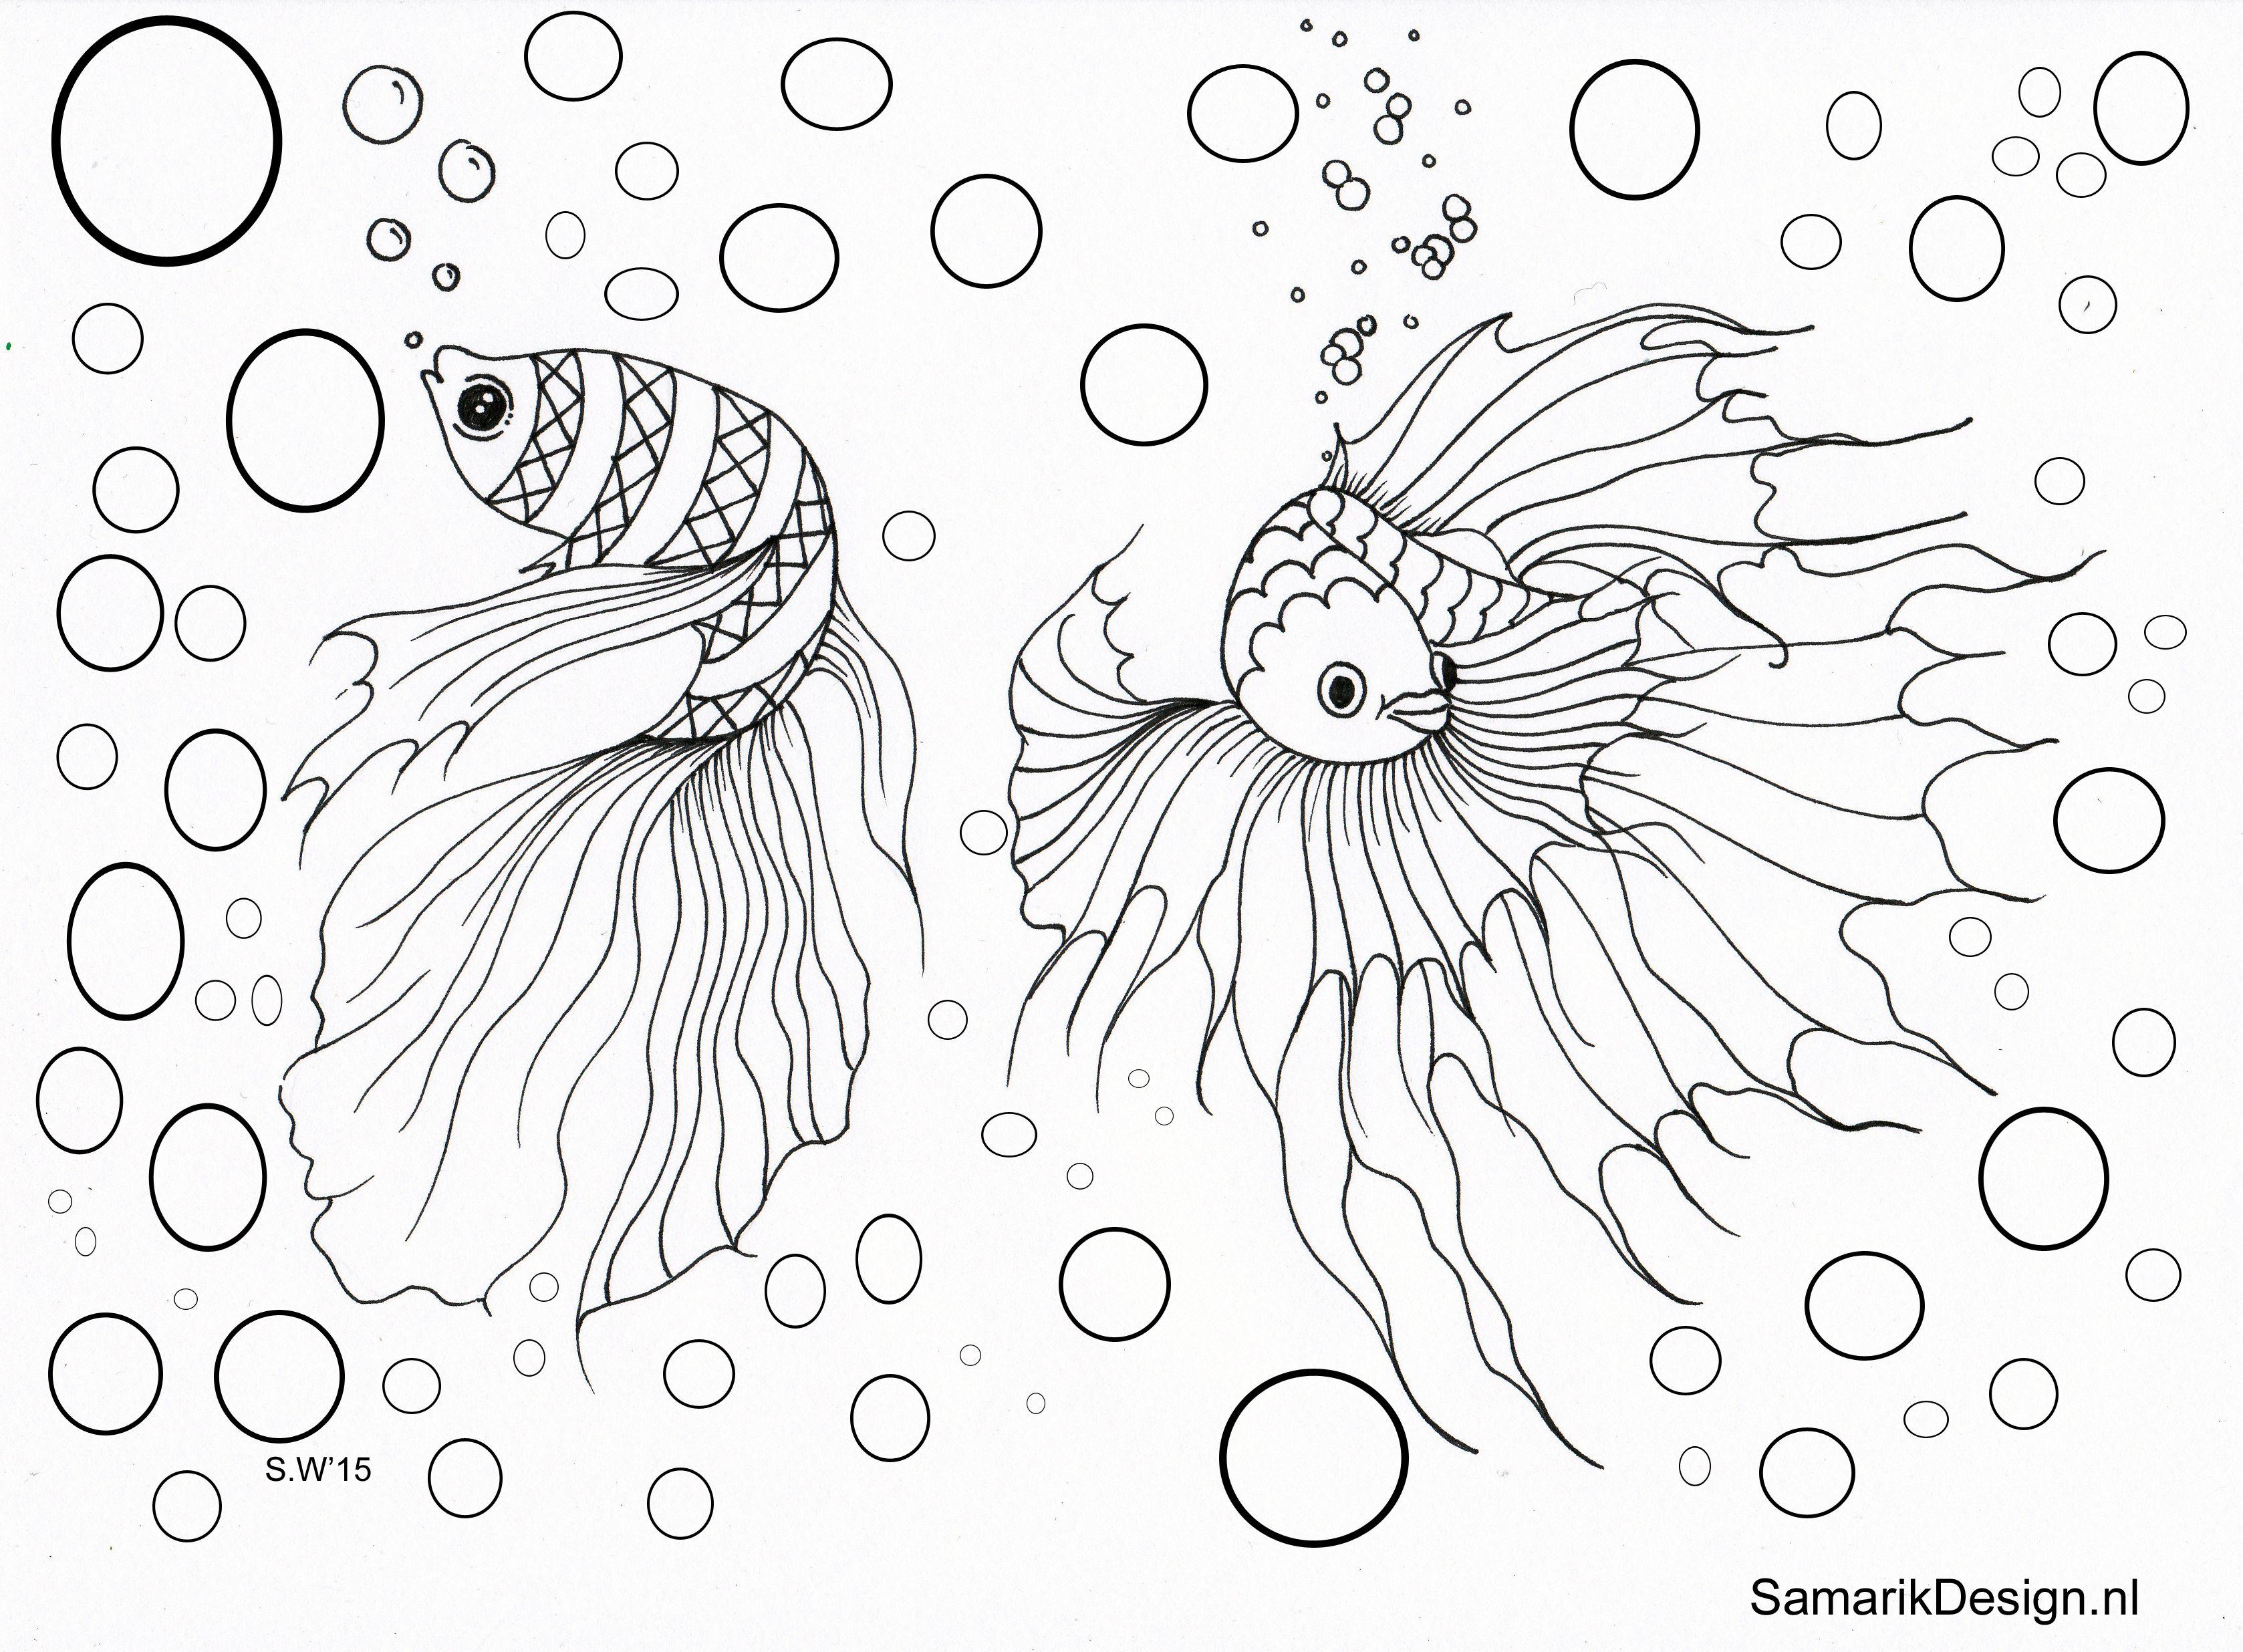 Kleurplaat voor volwassenen. Fish | volwassenen kleurplaat | Pinterest